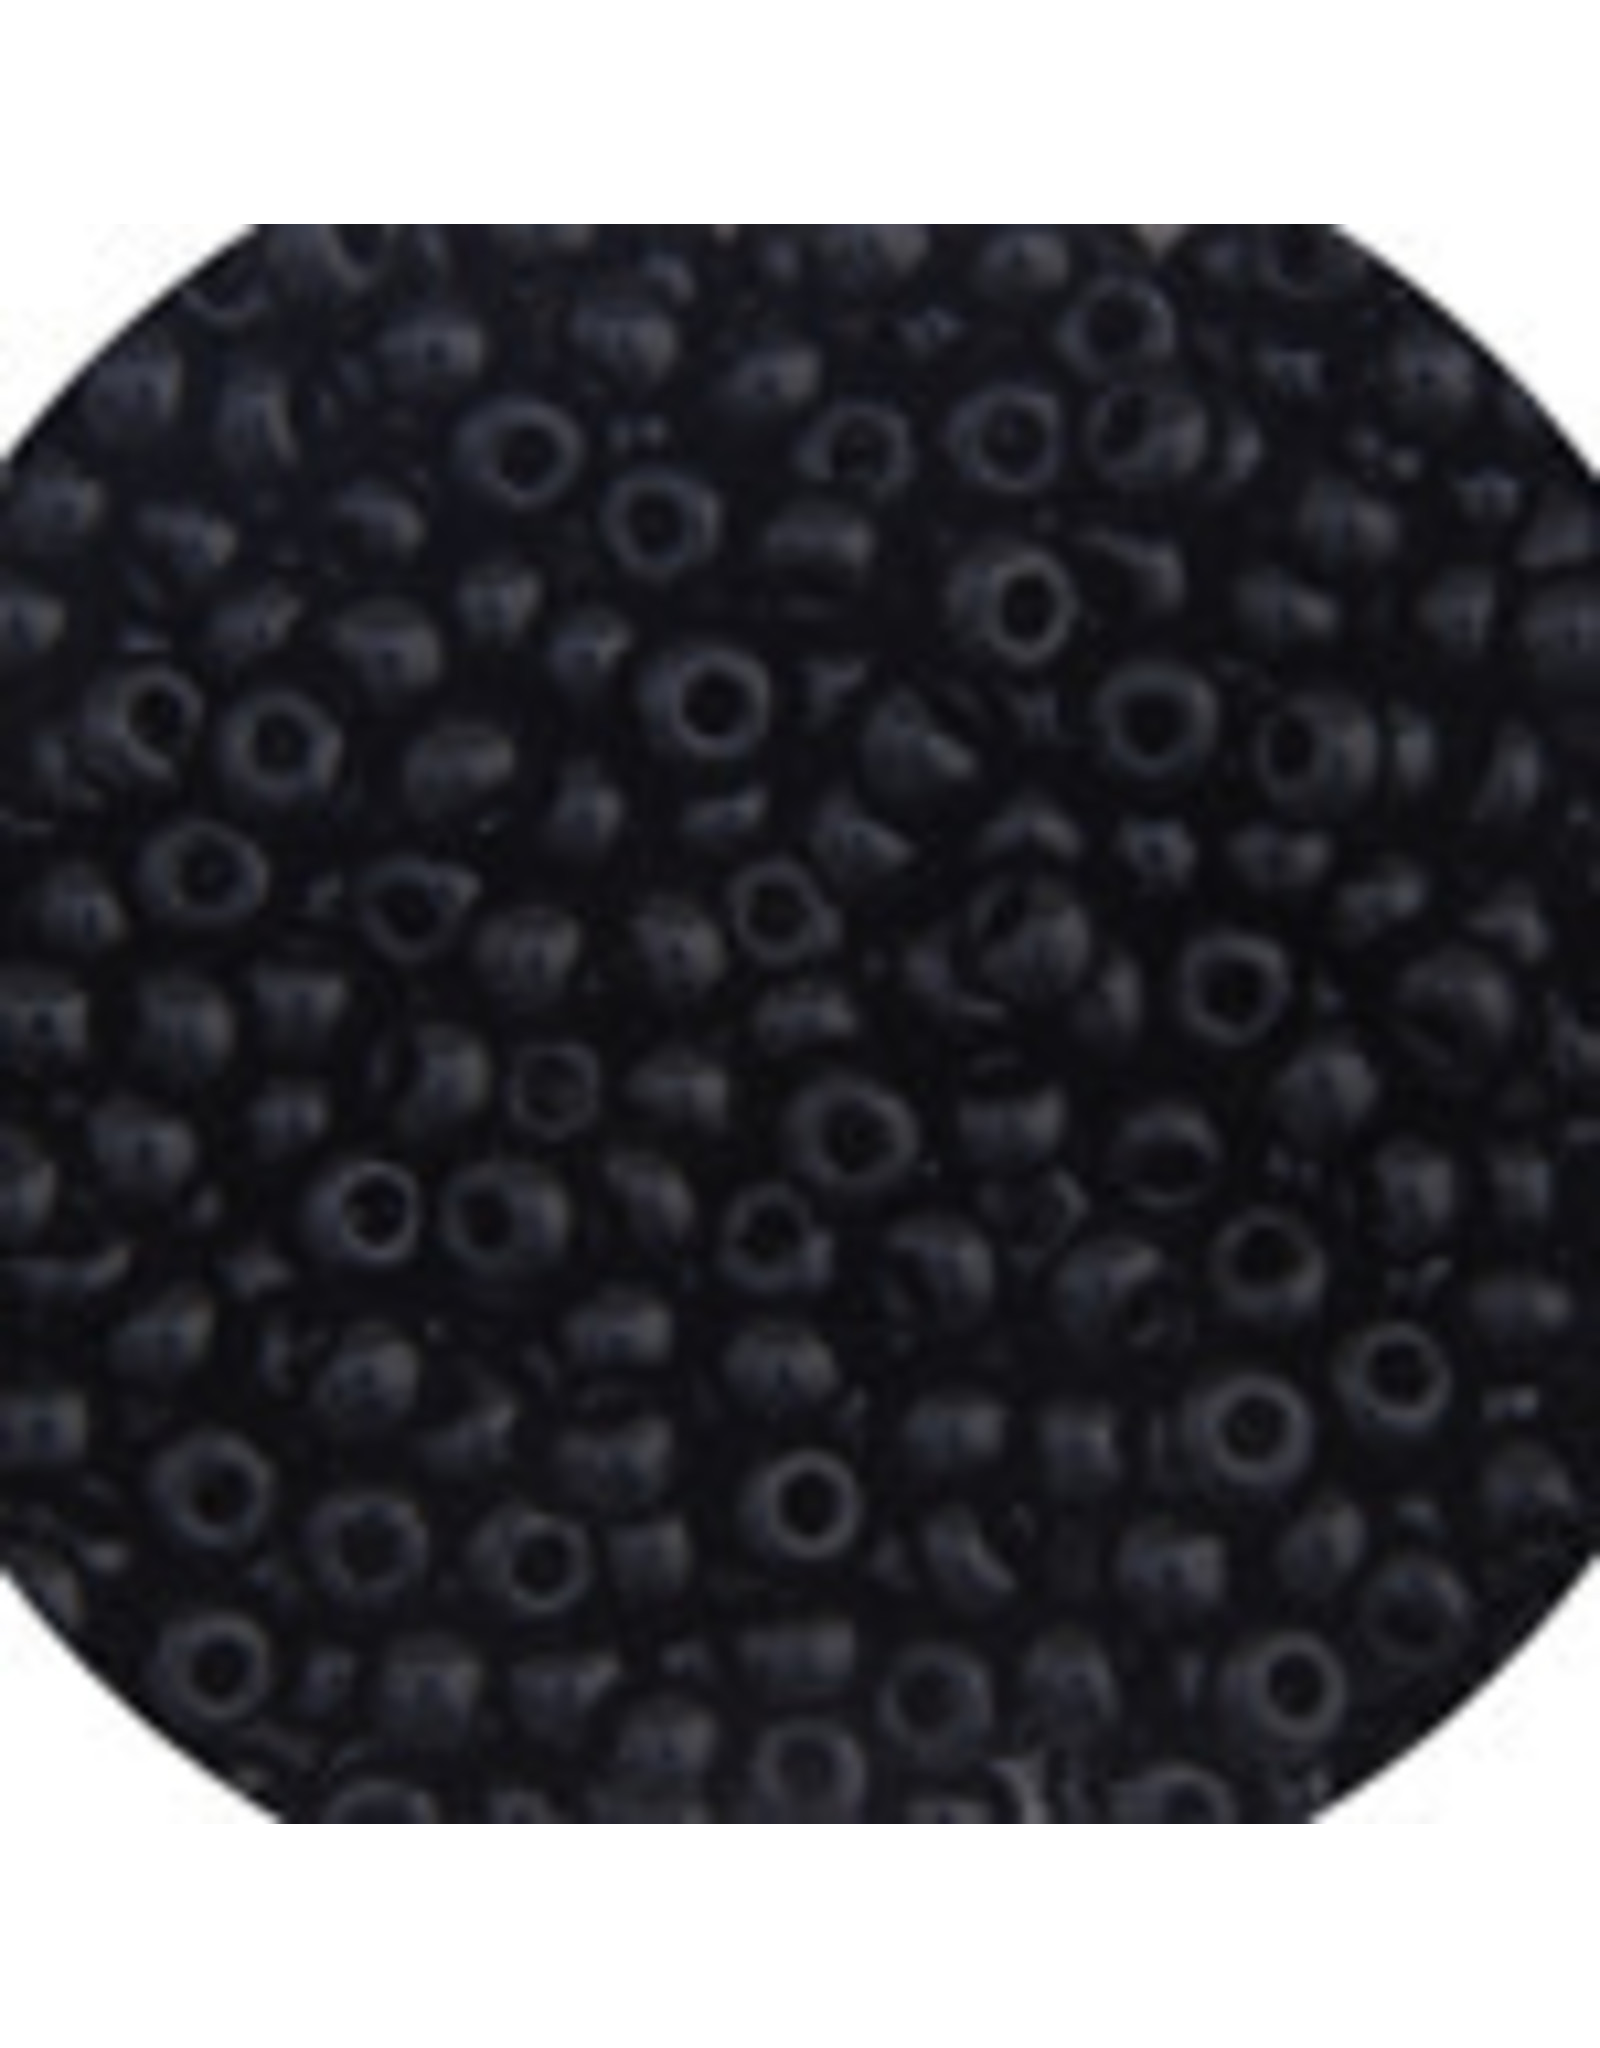 Czech 401624 6   Seed 20g Opaque Jet Black